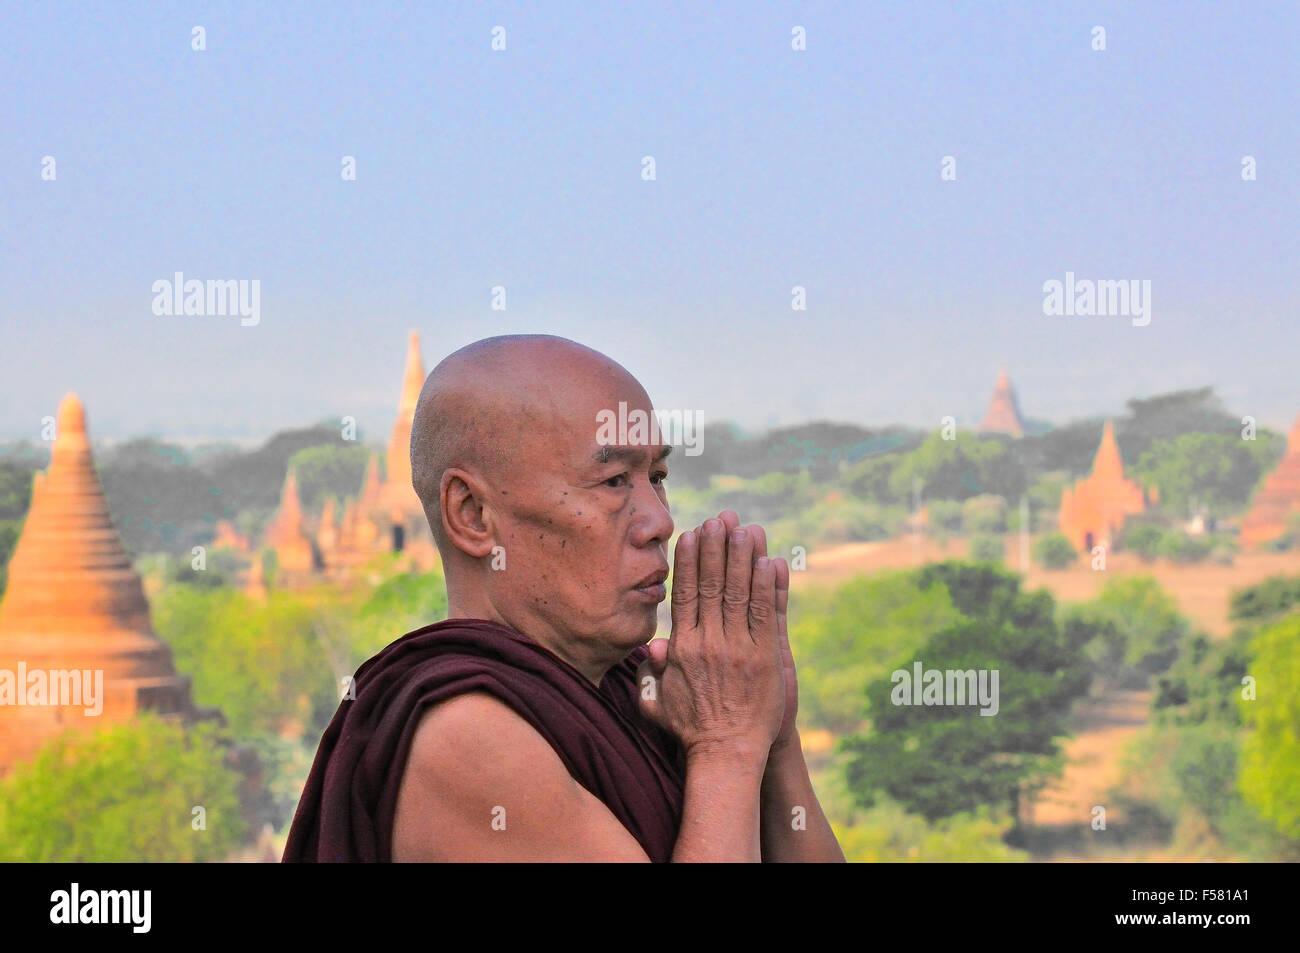 Monaco buddista pregando sulla parte superiore della Pagoda Shwesandaw a Bagan, Birmania (Myanmar) Immagini Stock